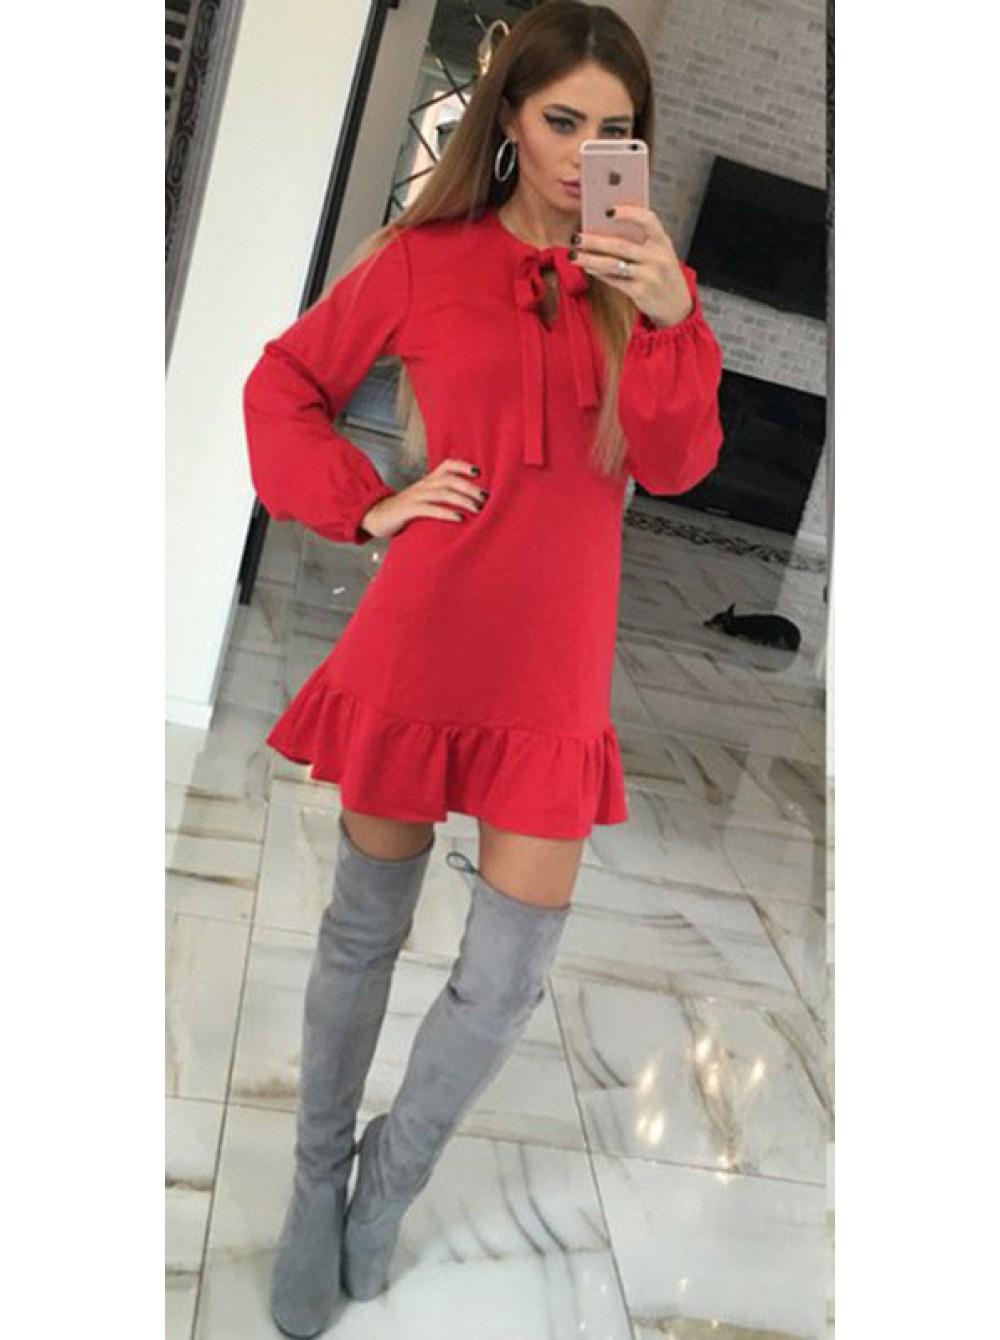 94b49ee0493f Молодежное платье весна-осень по цене производителя Стереотип